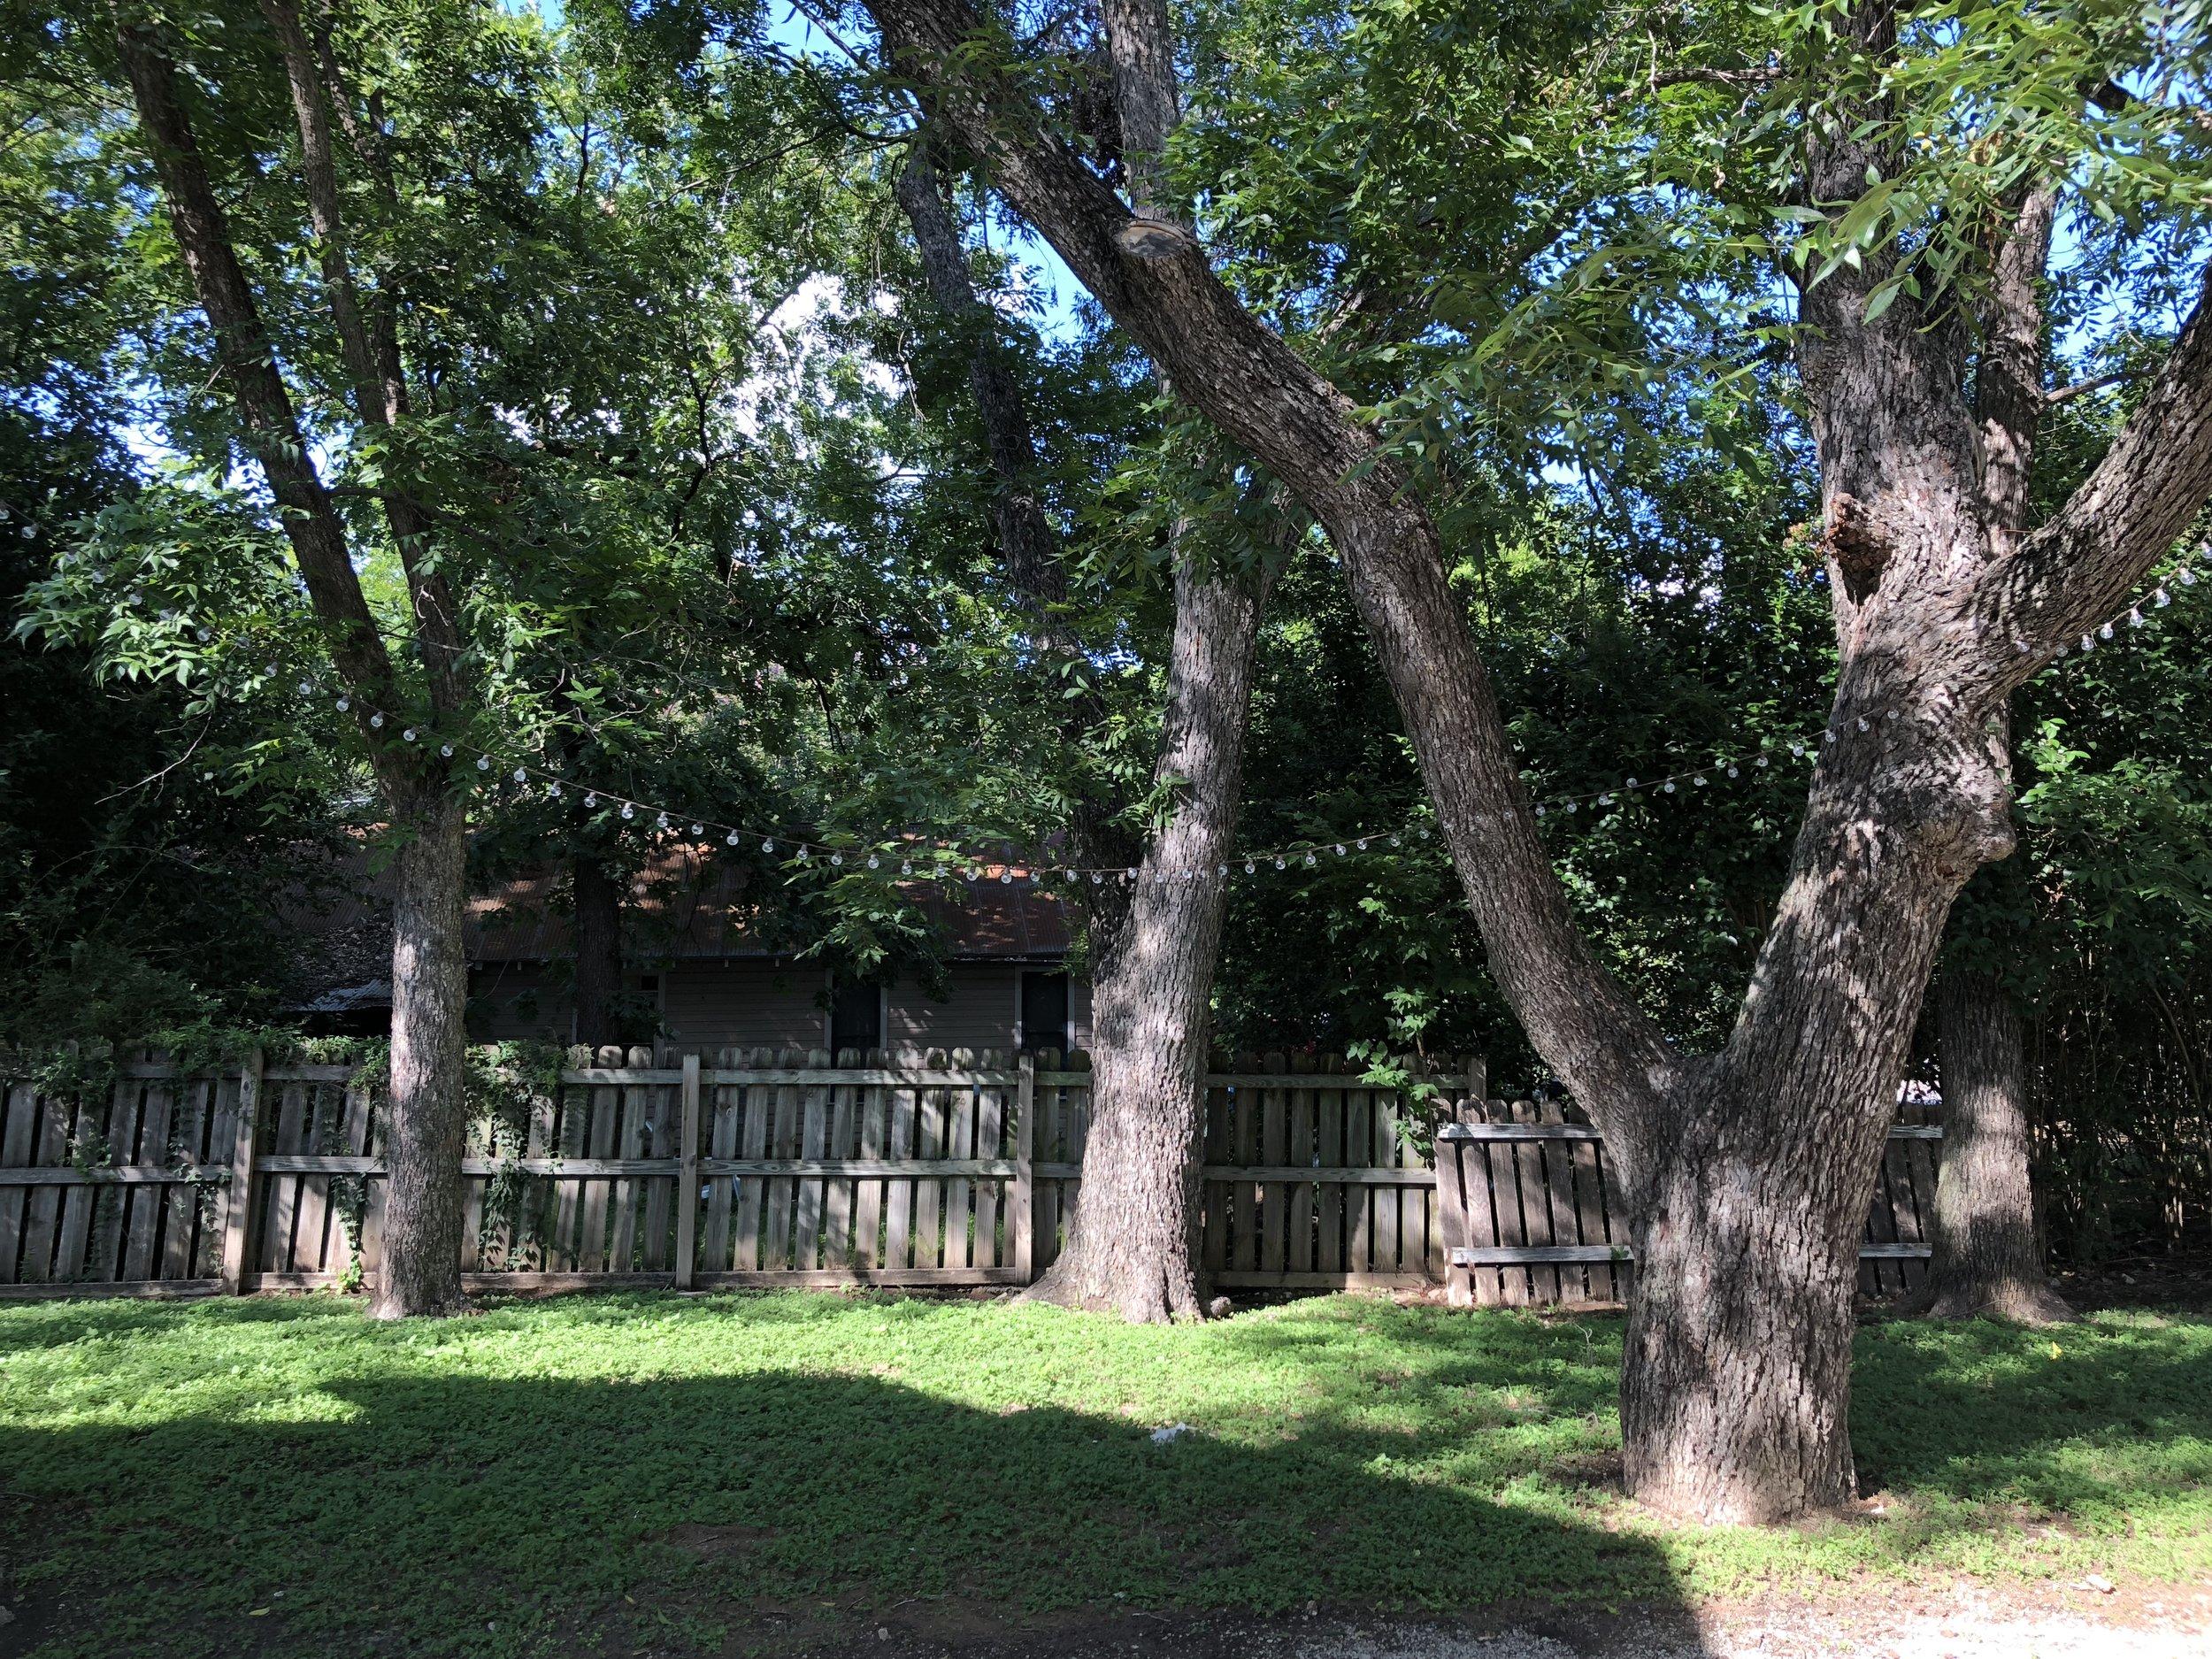 527 wsa backyard.jpg